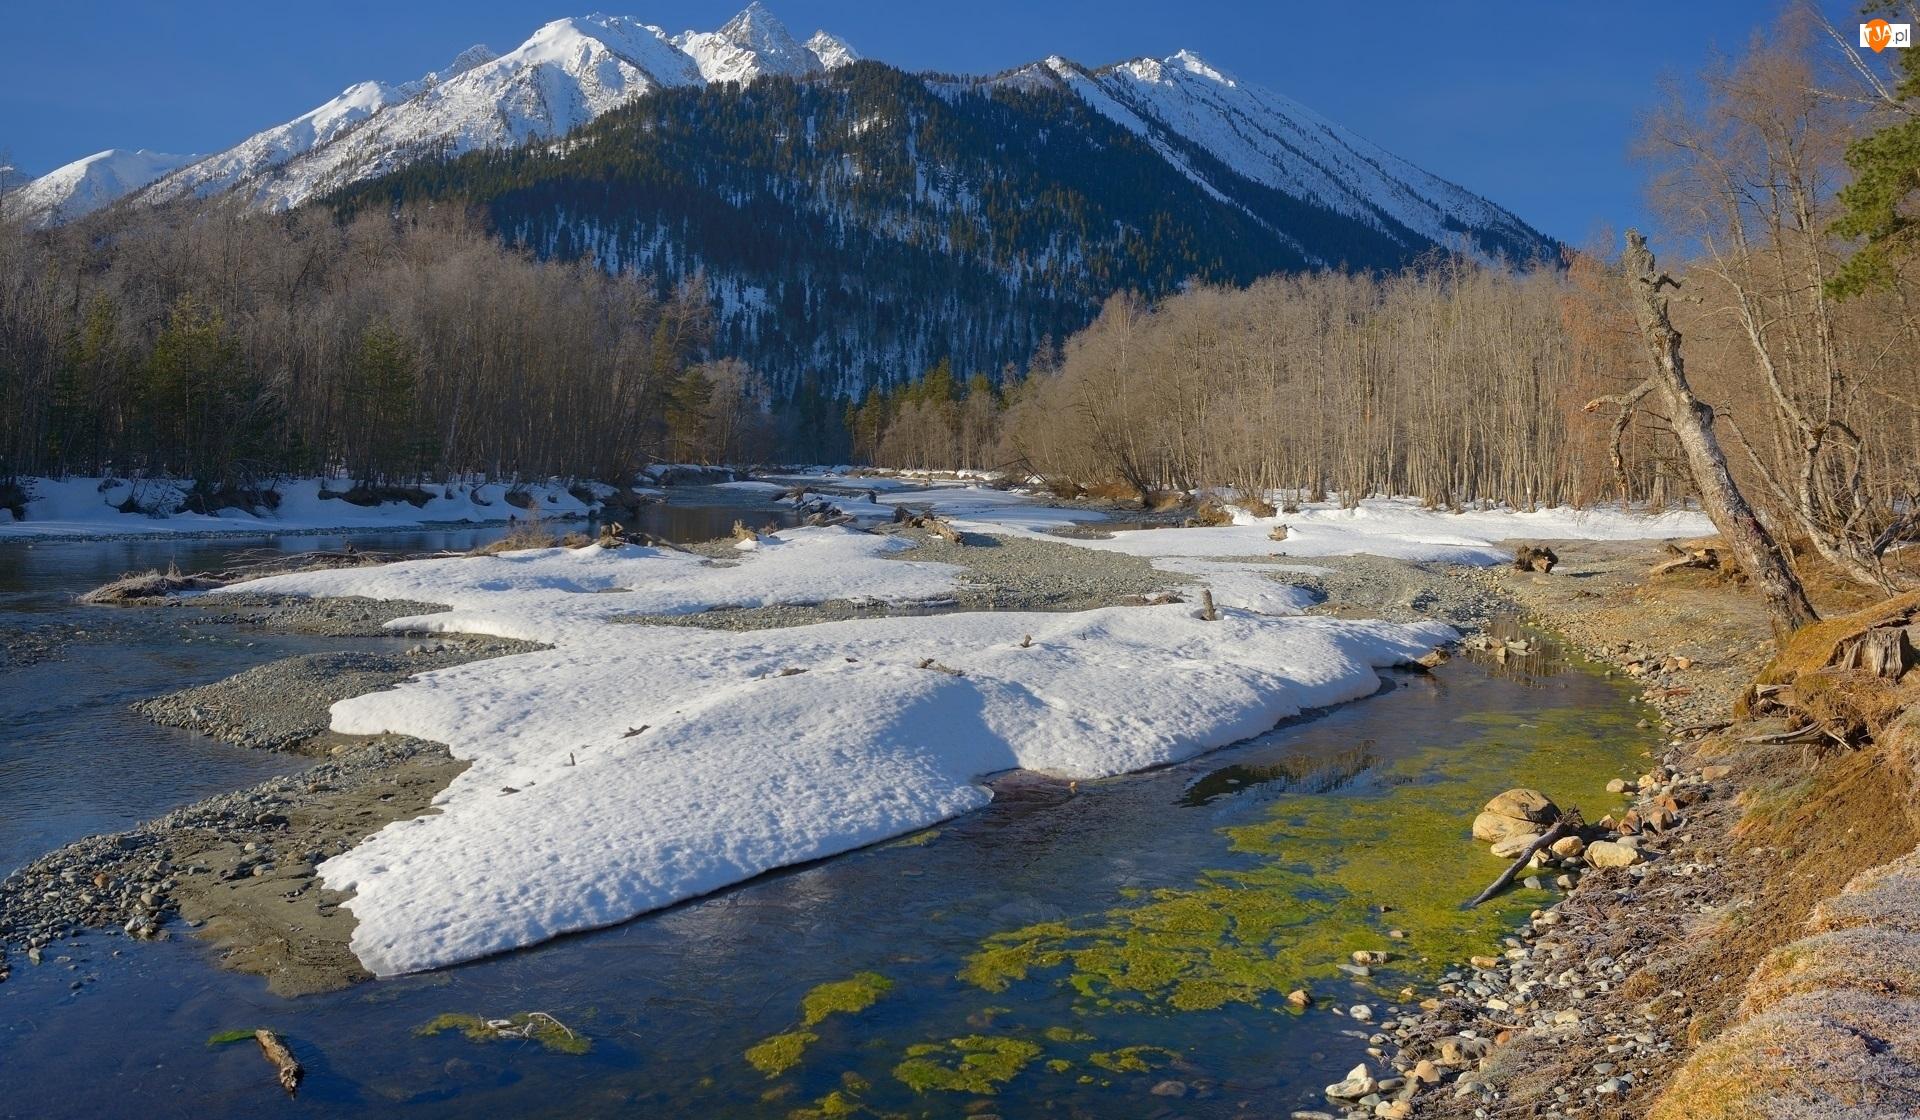 Śnieg, Góry, Kamienie, Republika Karaczajo-Czerkiesja, Kaukaz, Drzewa, Rosja, Rzeka Psysh